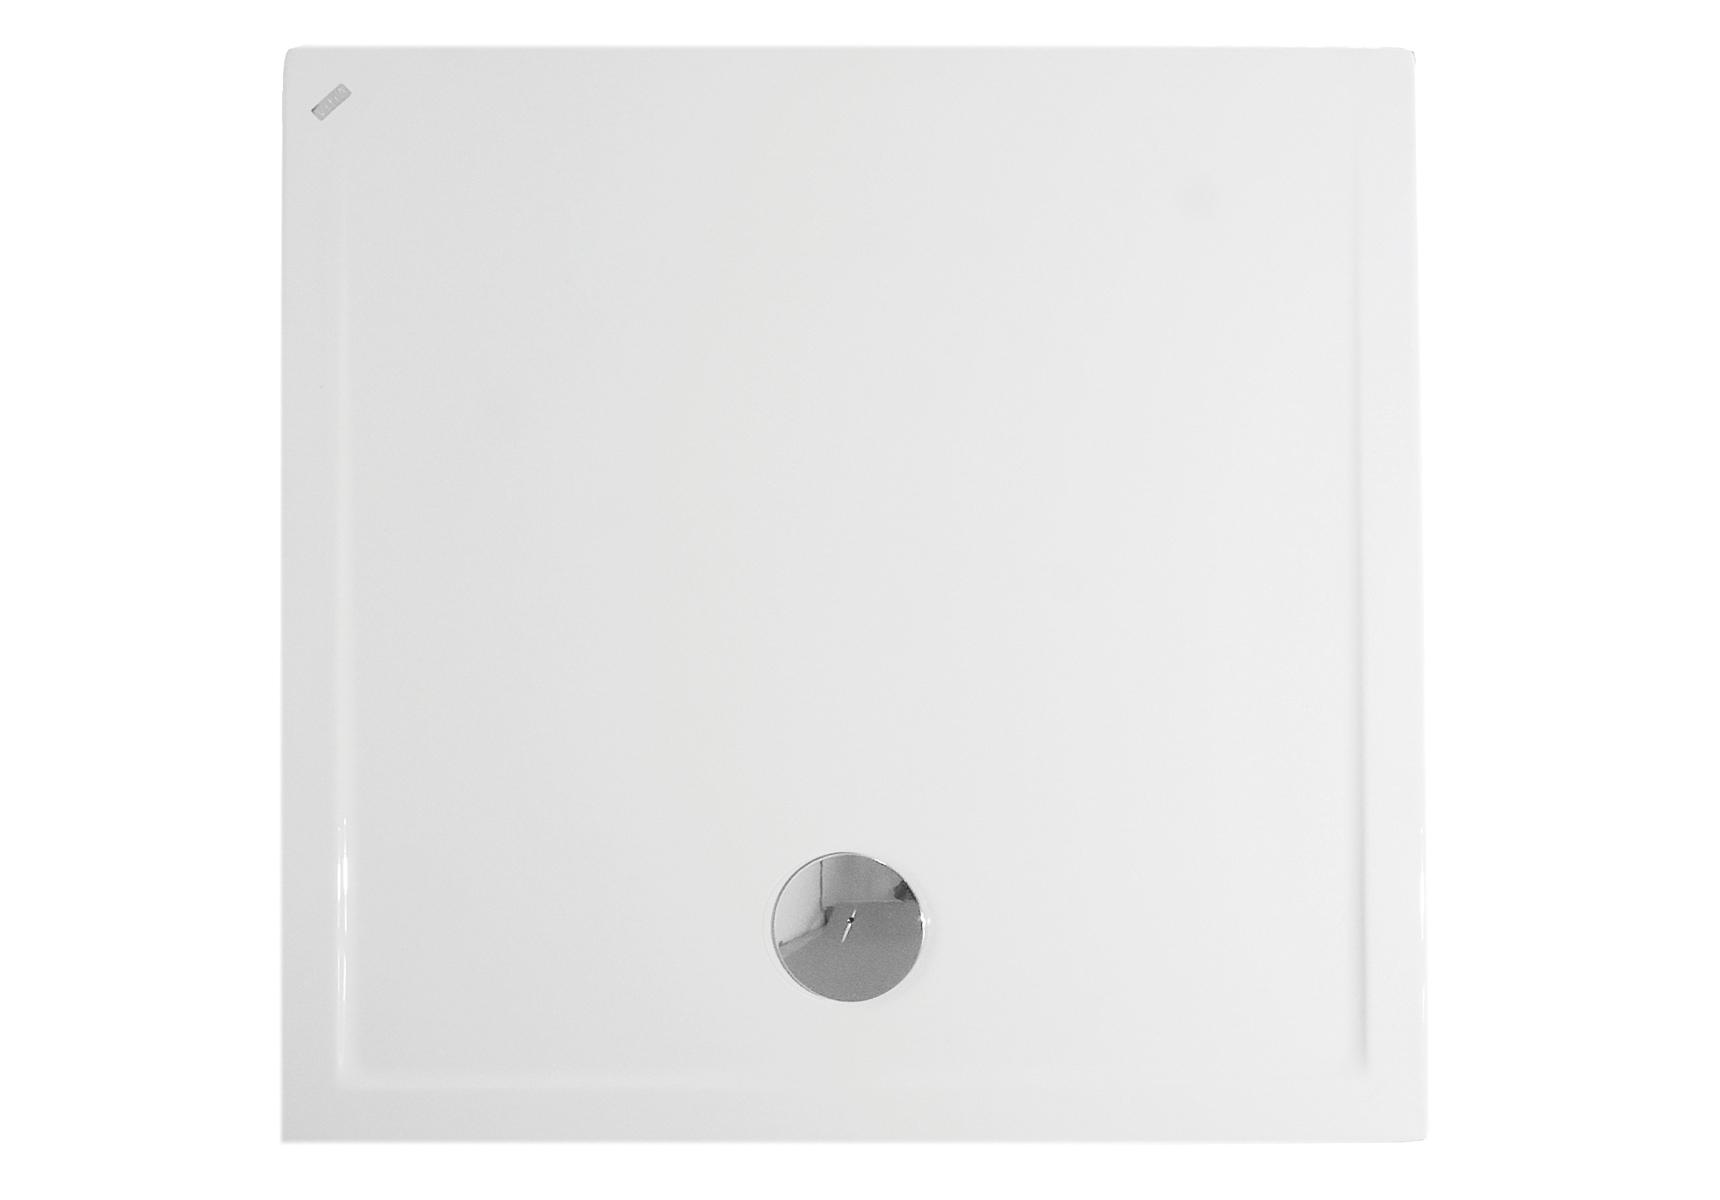 Fit receveur ultra plat en acrylique, 3,2 mm, à poser, carré, 80  x  80 cm